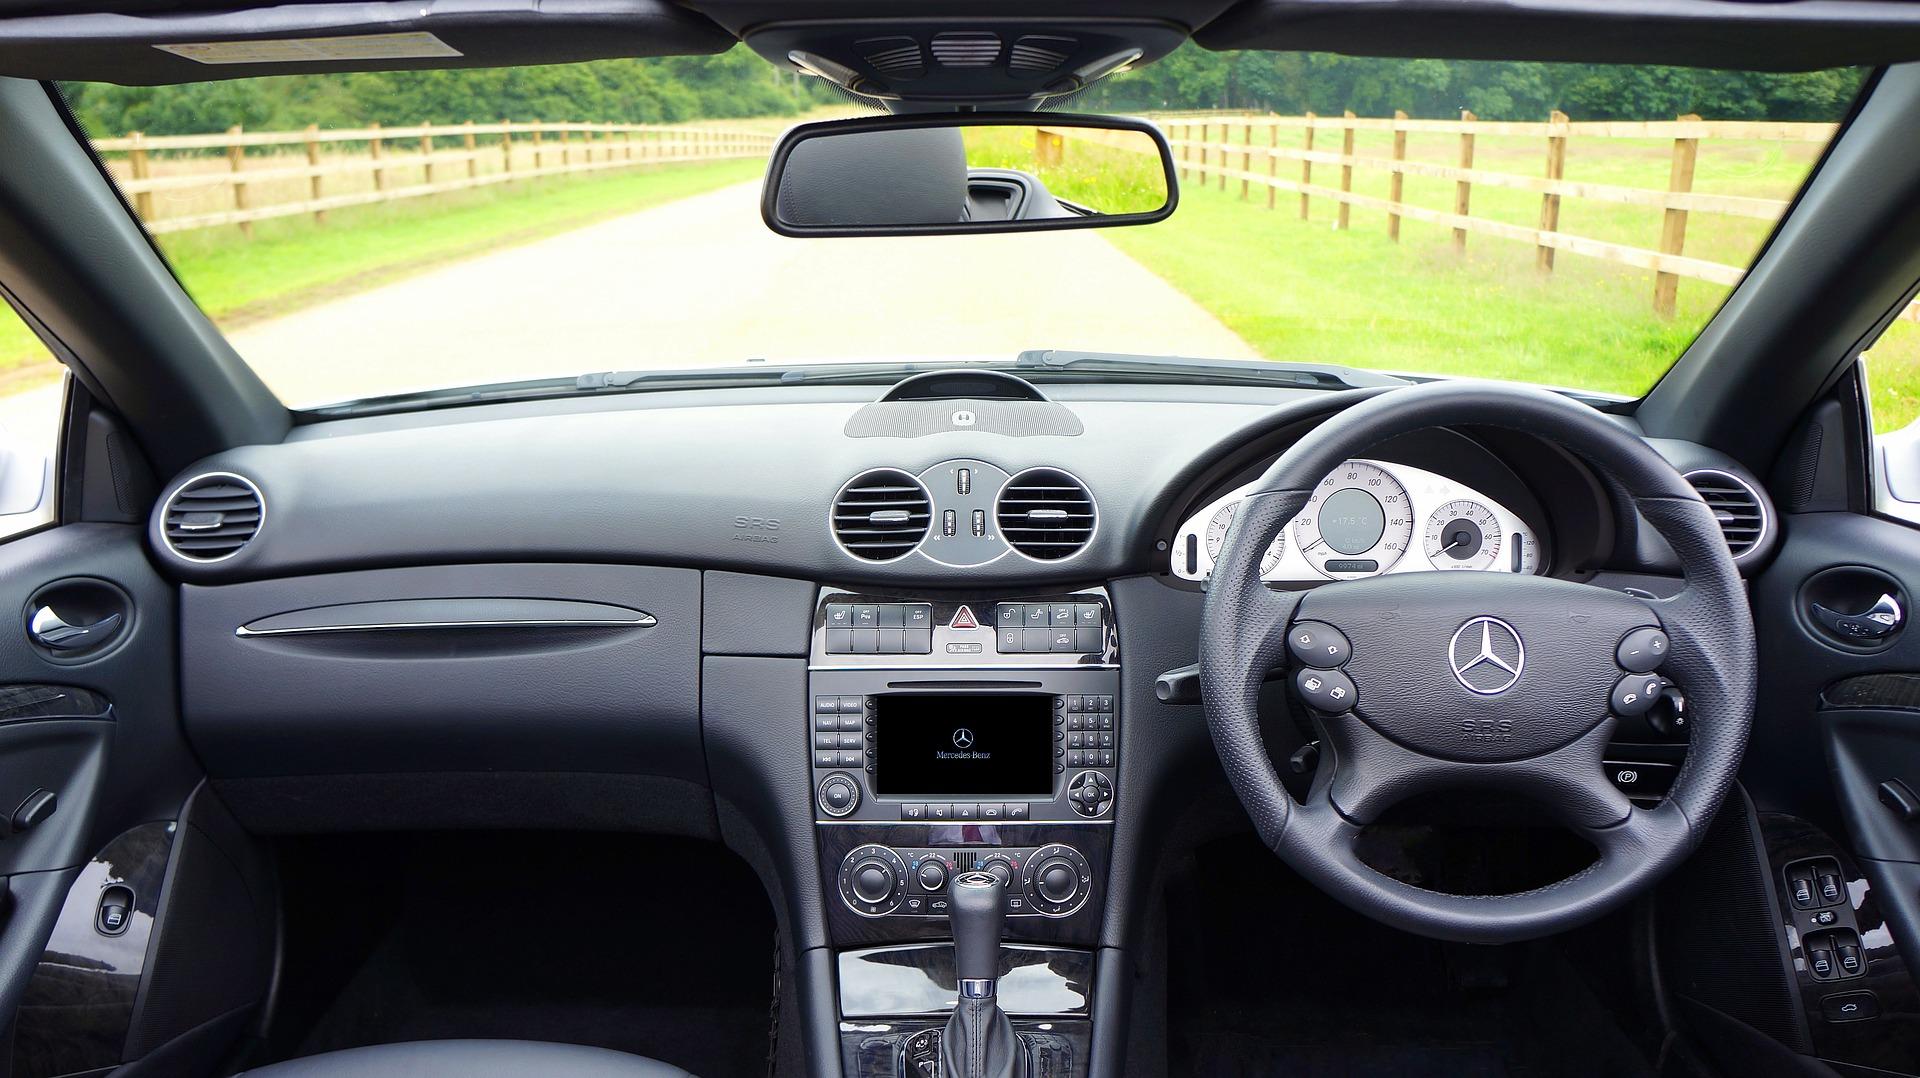 Limpeza de carros por dentro: dicas eficientes de higienização